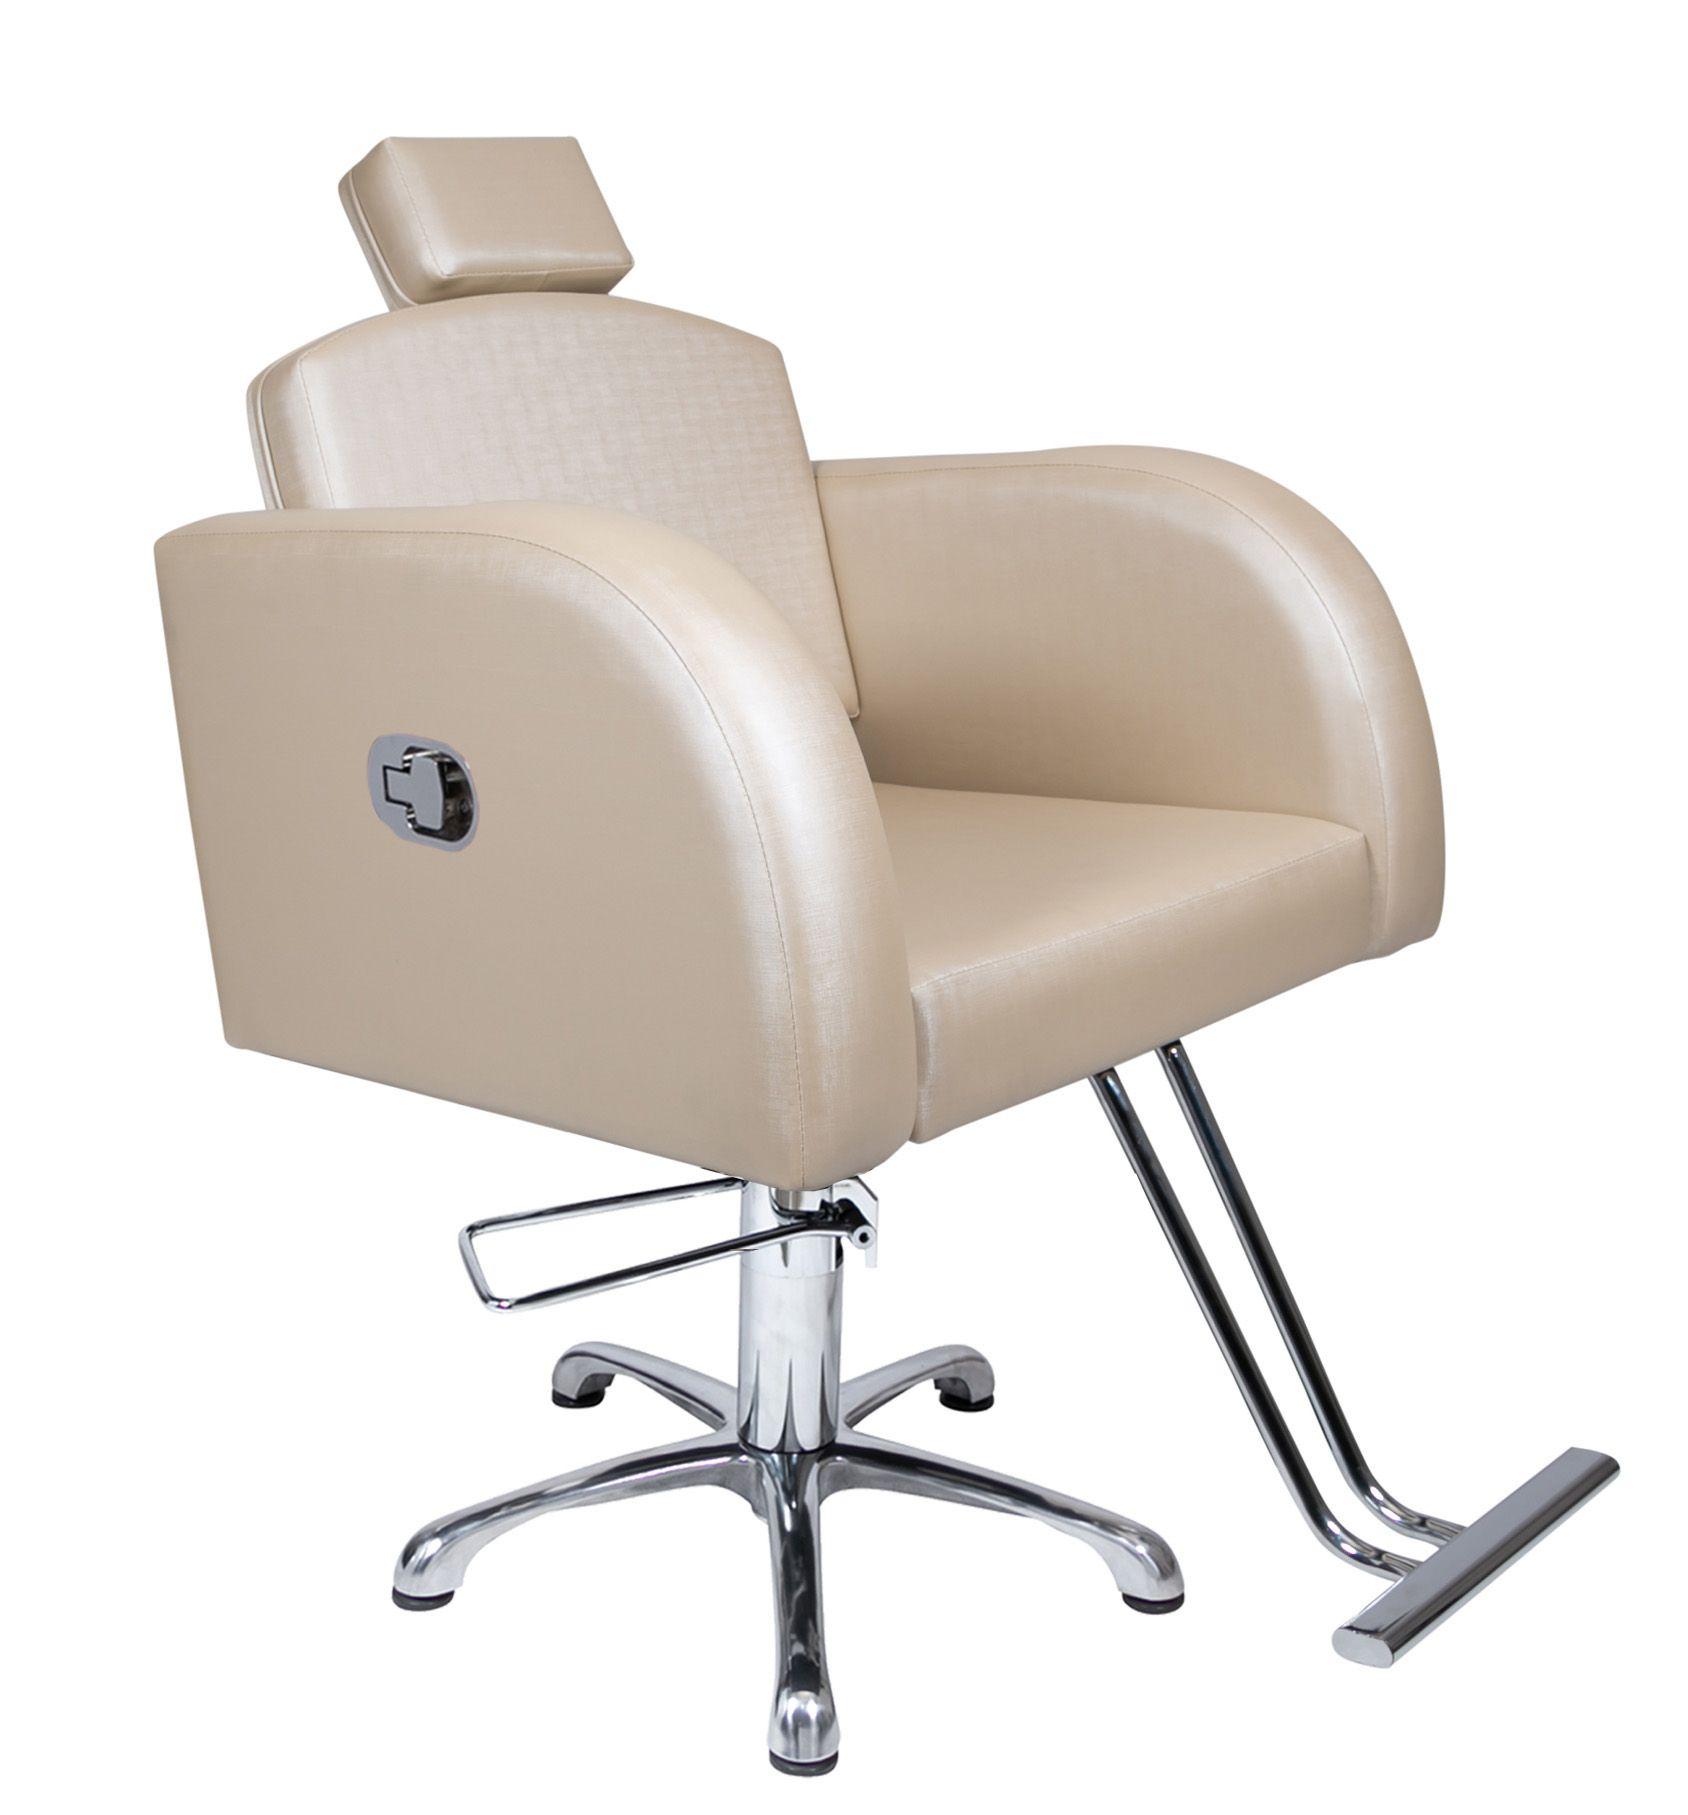 Destak Bege - 1 Lavatório e 2 Cadeiras Hidráulicas Reclináveis